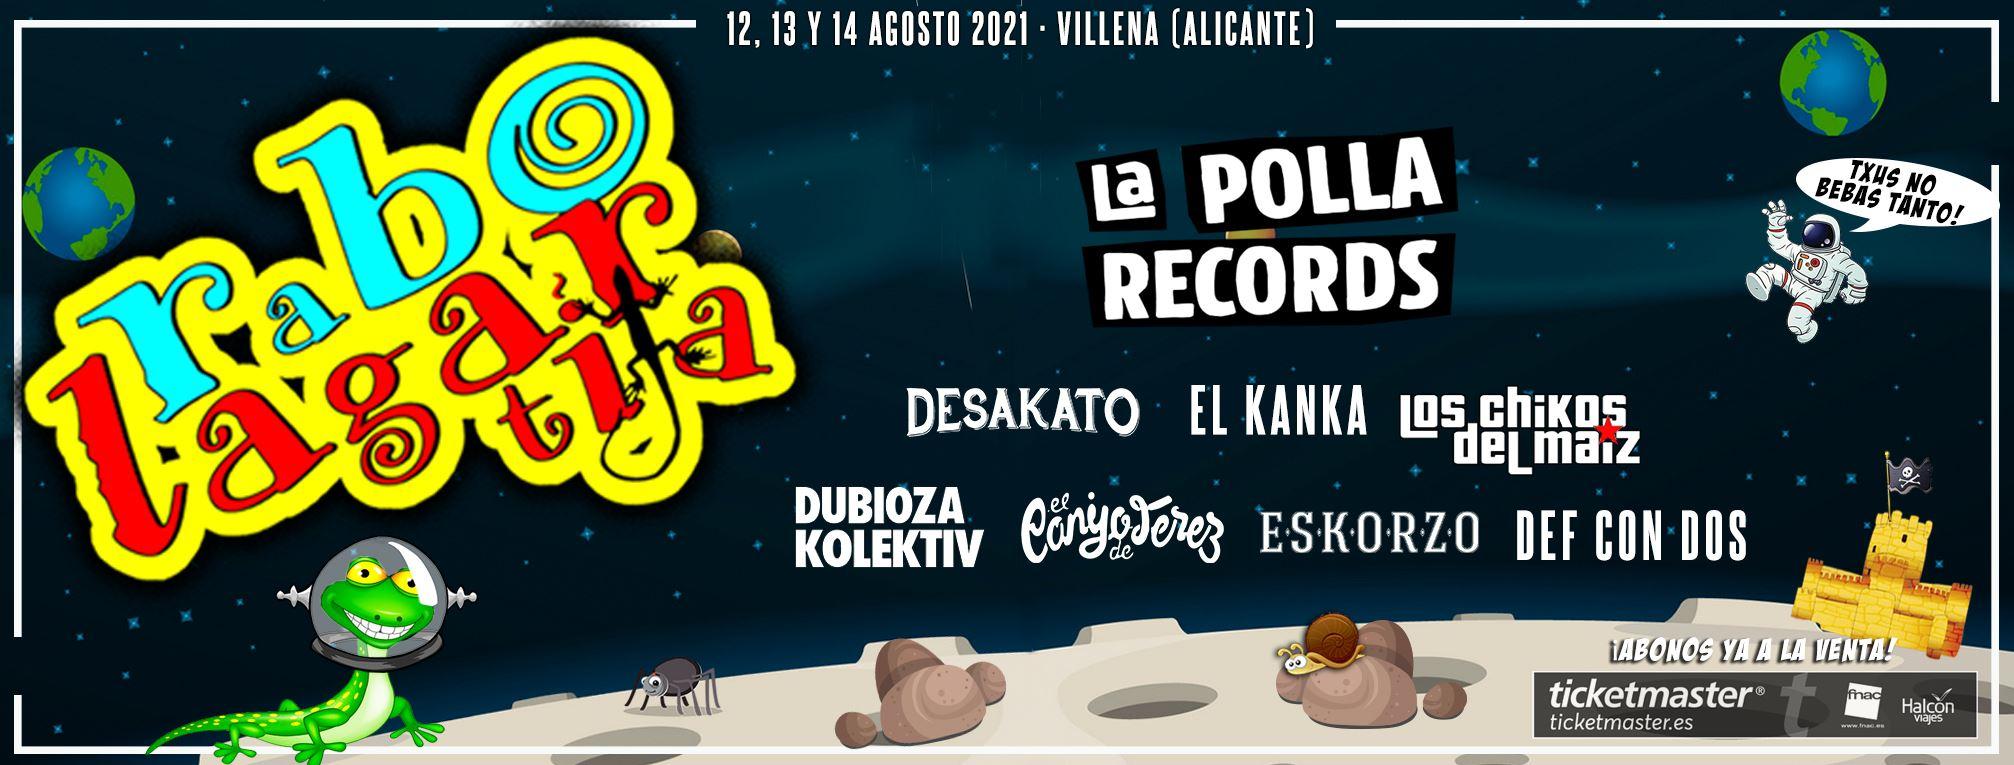 Rabolagartija Festival 2021